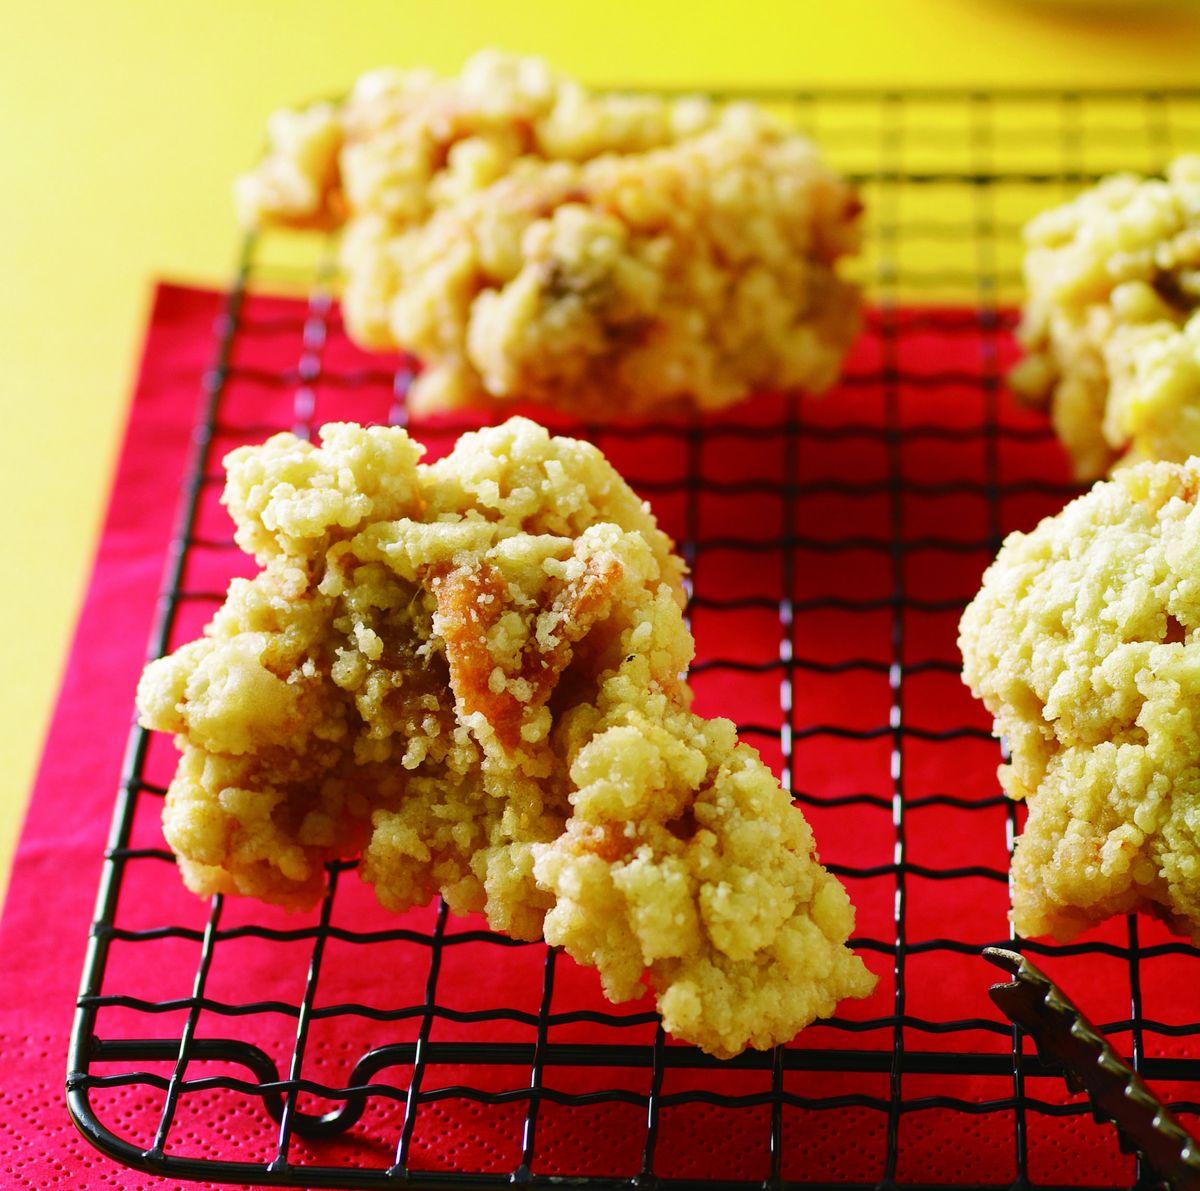 食譜:脆皮雞塊